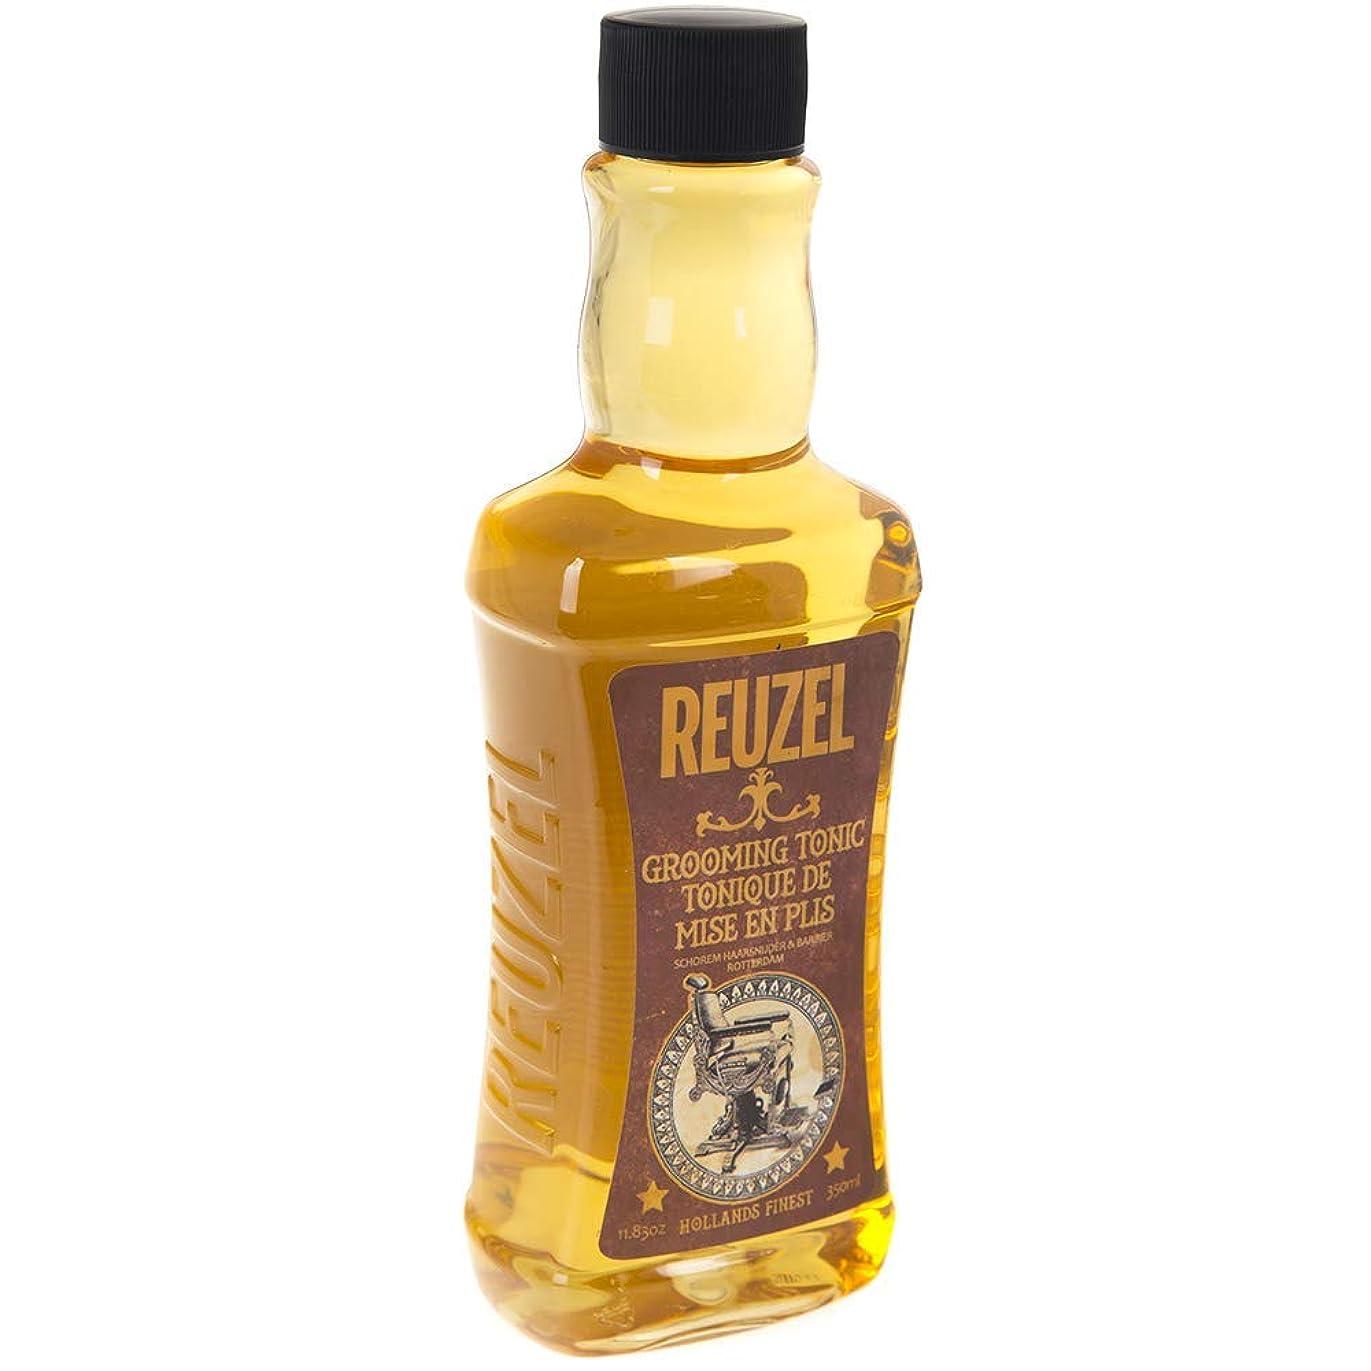 付属品抽出水分ルーゾー グルーミング トニック Reuzel Grooming Tonic 350 ml [並行輸入品]